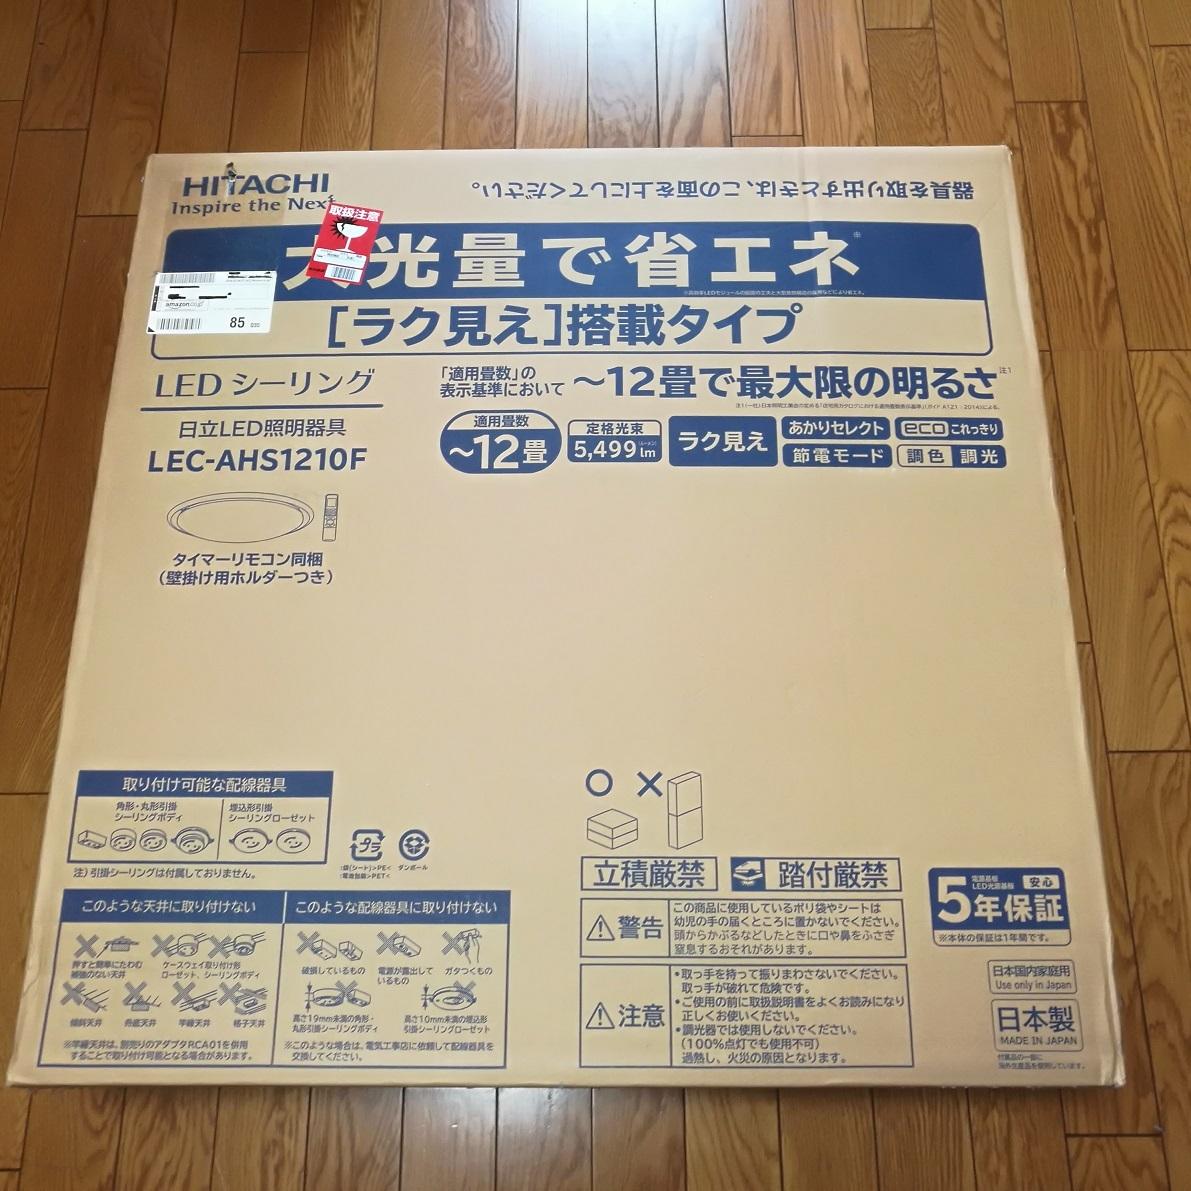 【新品未開封】日立 HITACHI LEC-AHS1210F [LEDシーリングライト 12畳 センサータイプ]_画像2